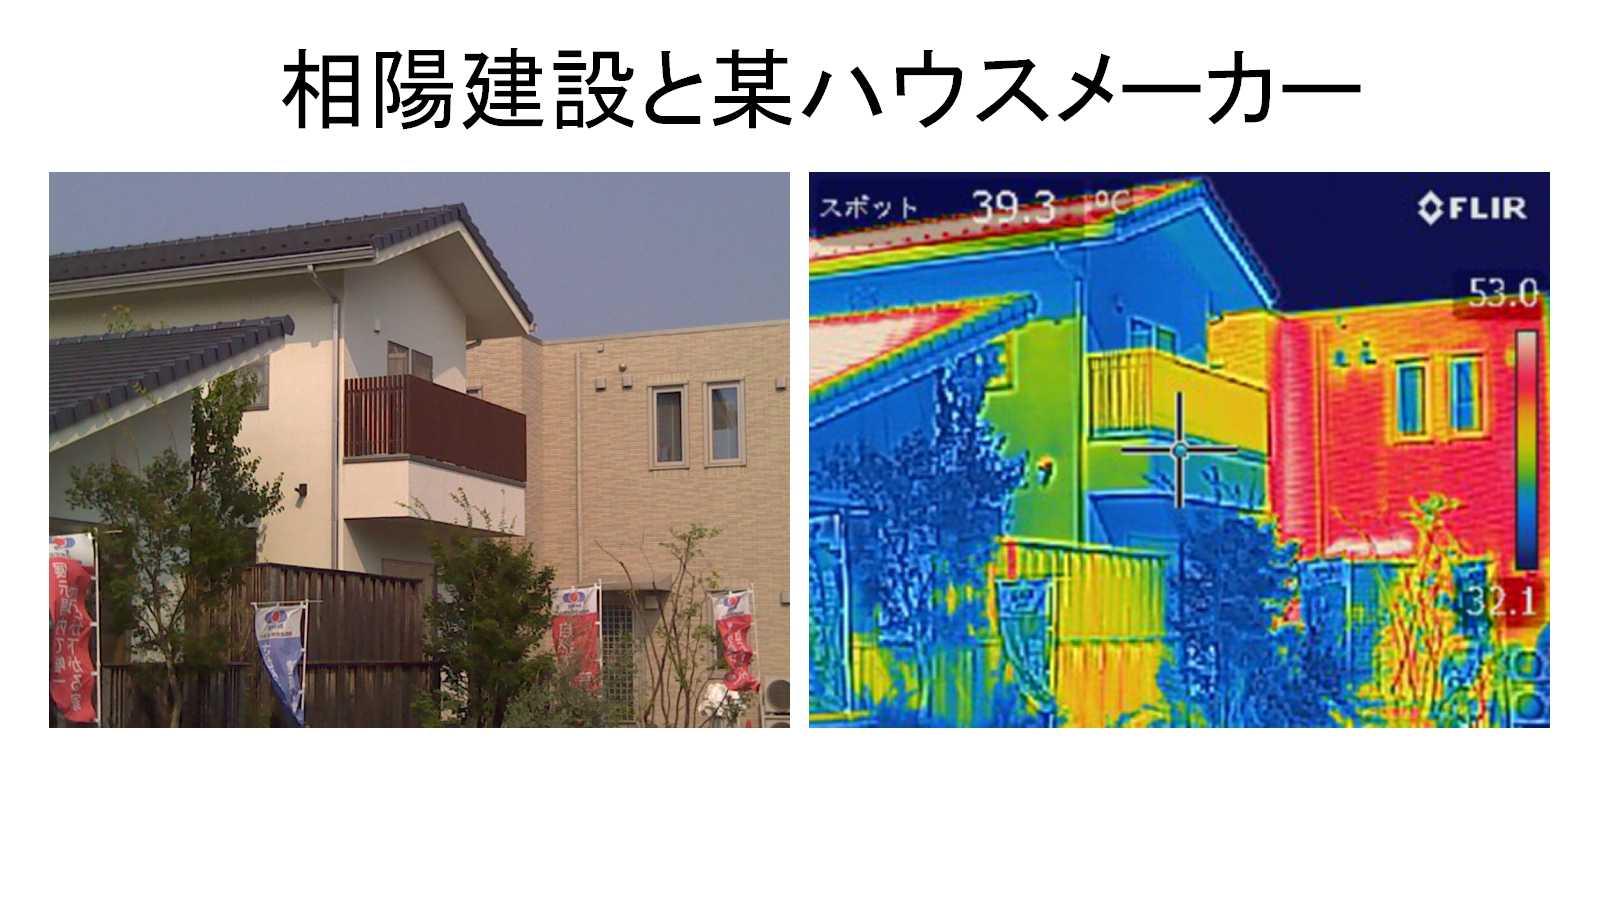 相陽建設が提供する自然素材の健康住宅は、断熱性能が抜群です